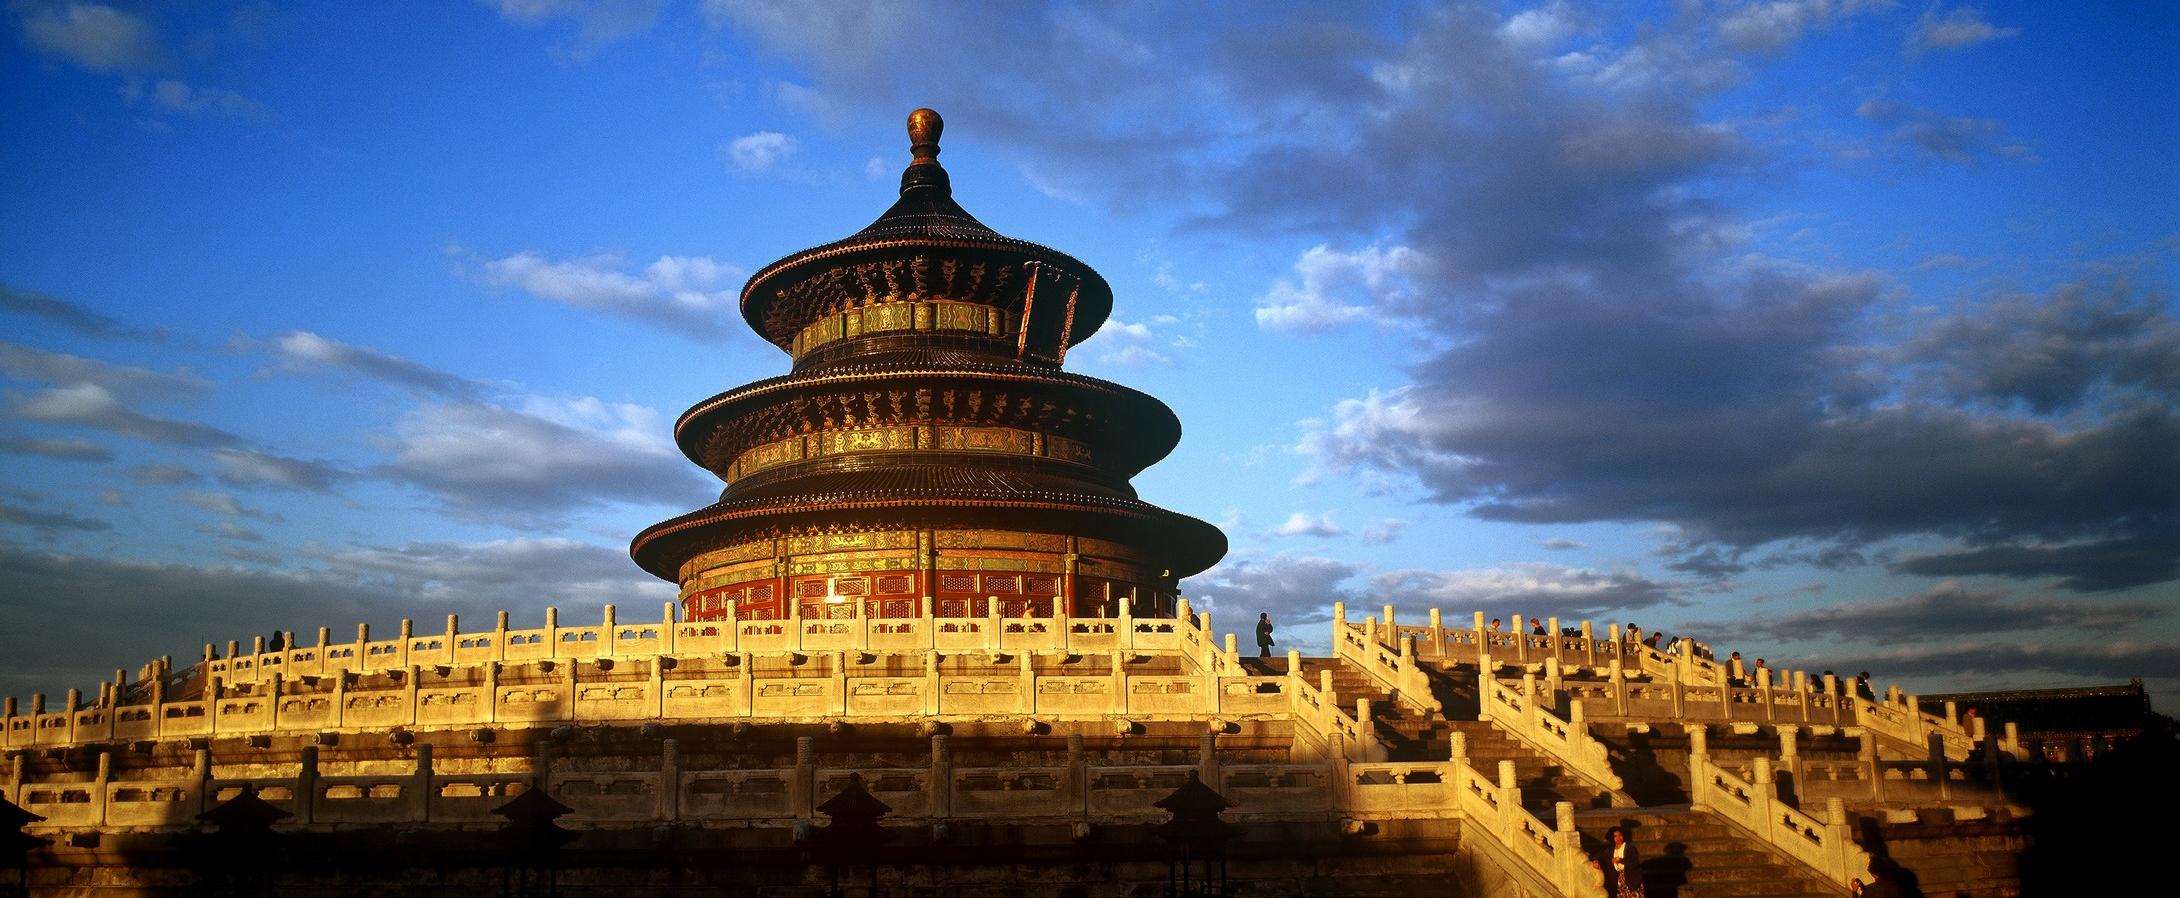 中国优秀传统文化的五个评价标准